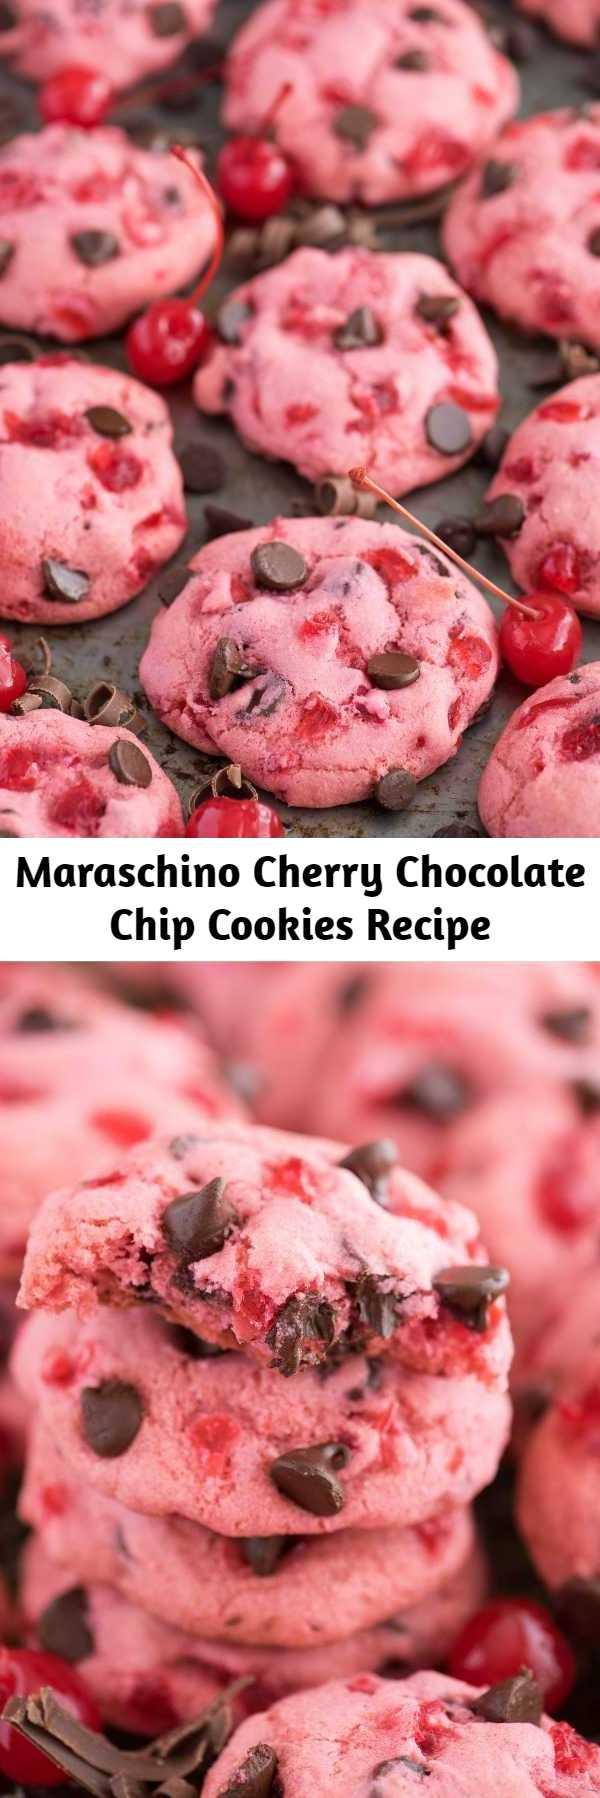 Maraschino Cherry Chocolate Chip Cookies Recipe - Thick & chewy maraschino cherry chocolate chip cookie recipe! Candied cherry cookie recipe. #cherrycookies #maraschinocherrycookies #cookies #cherrychocolatechipcookies